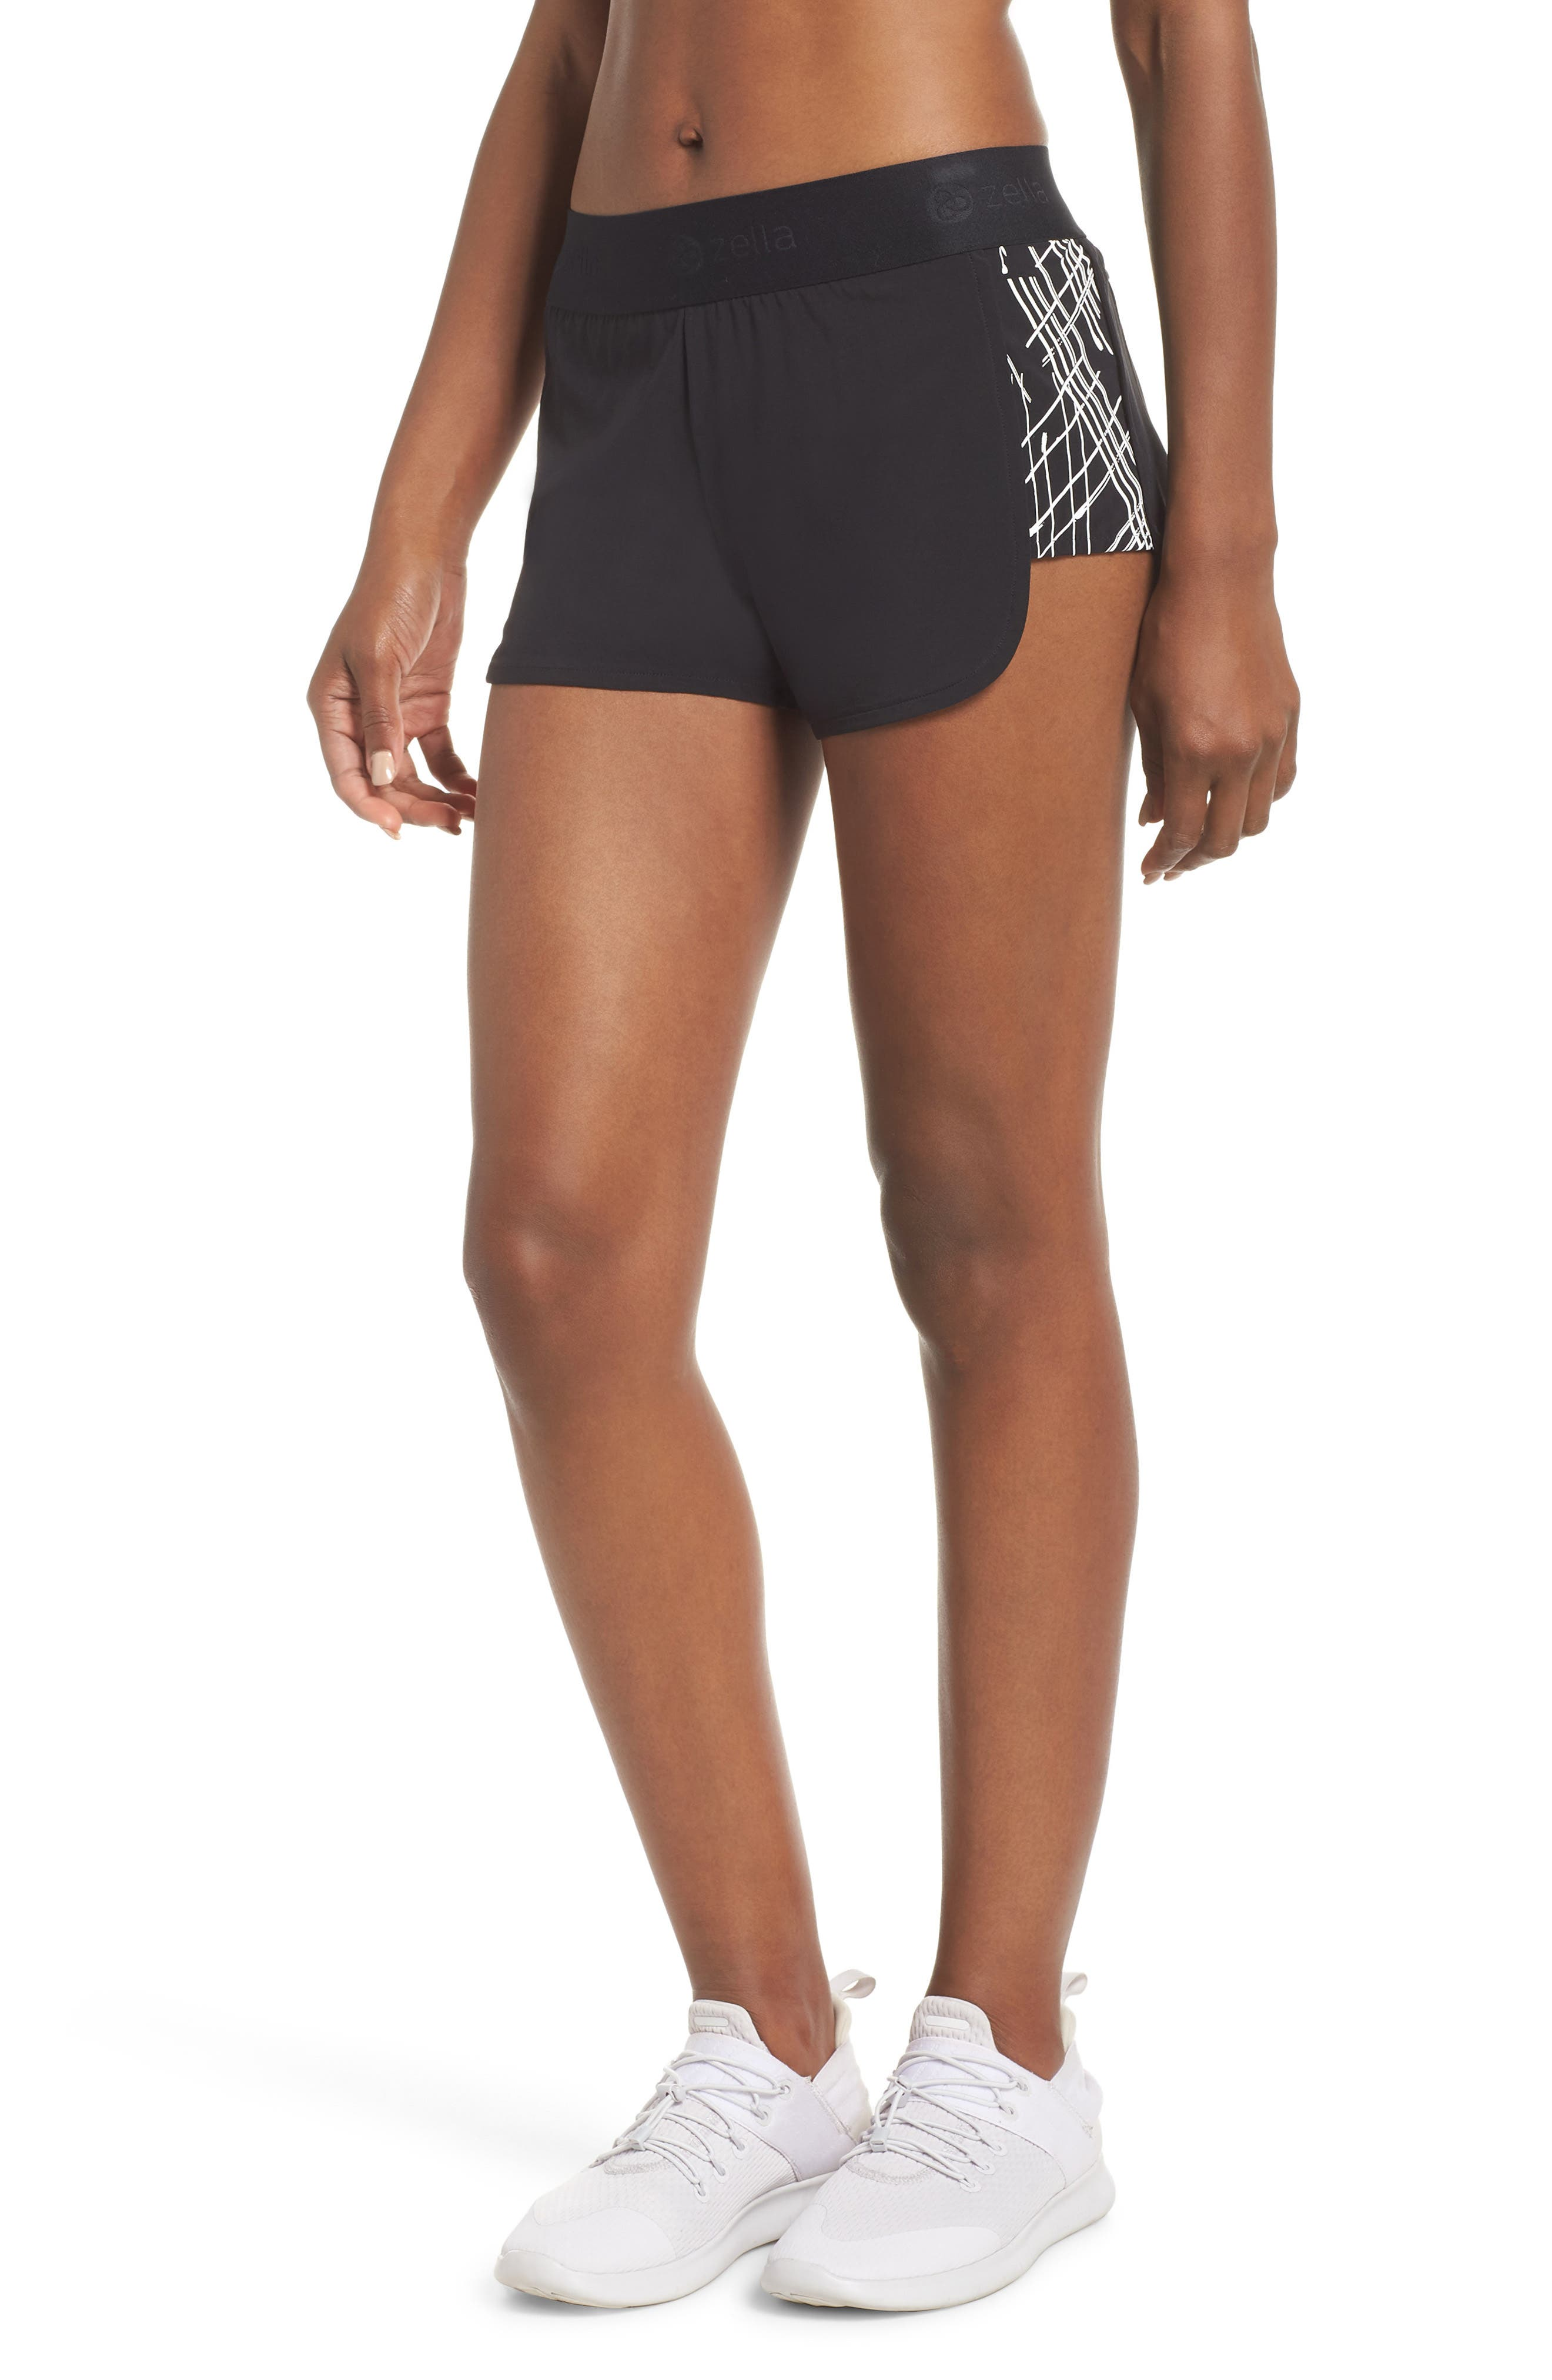 ZELLA, Go Run Reflect Shorts, Main thumbnail 1, color, BLACK